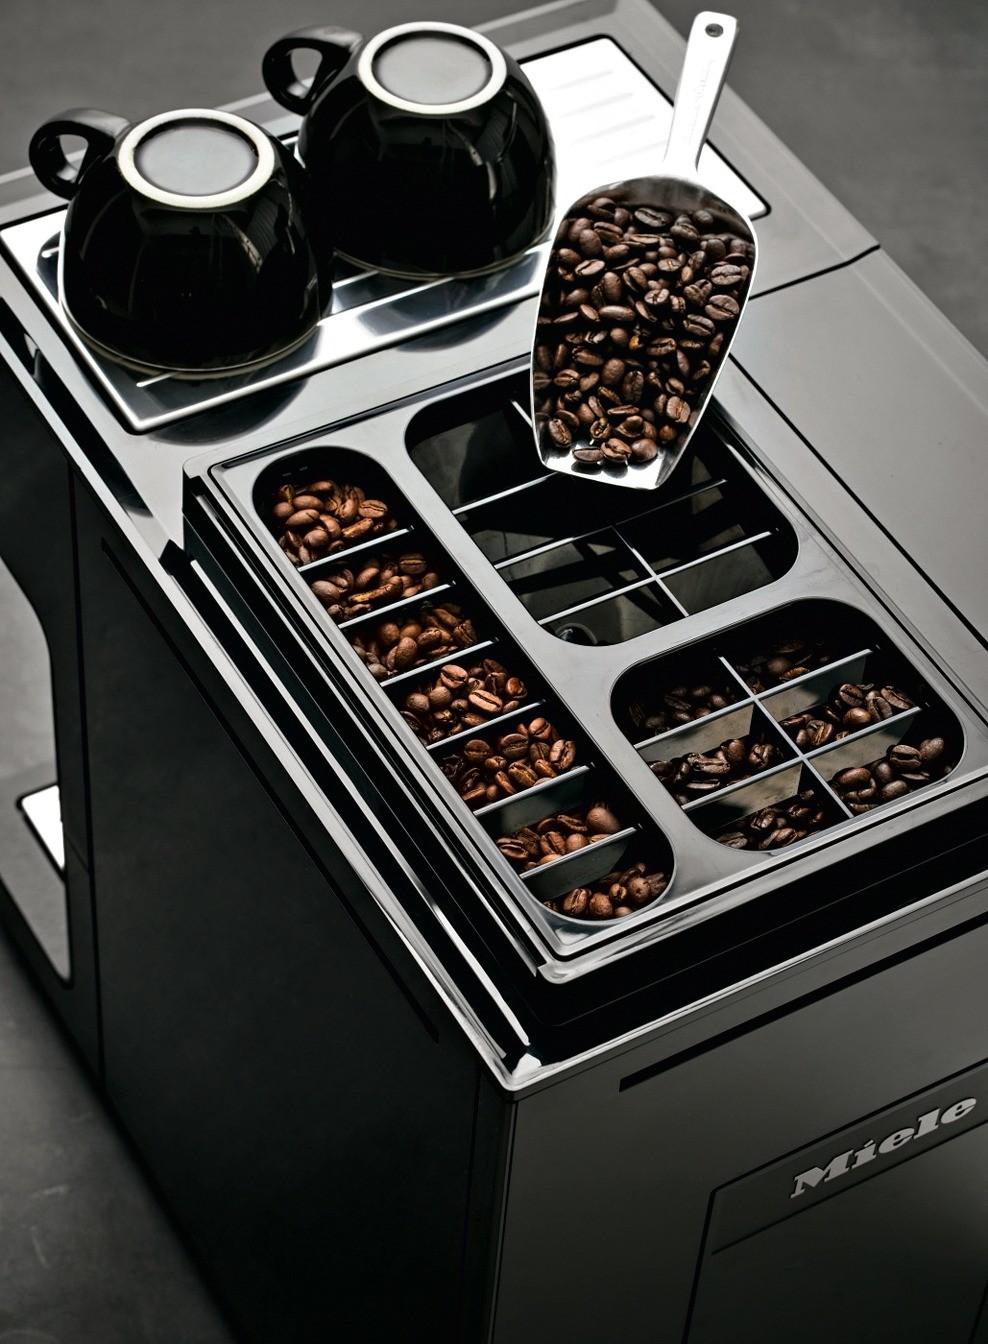 Кофемашины CM7 (Miele)— единственные отдельно стоящие модели с автоматическим удалением накипи